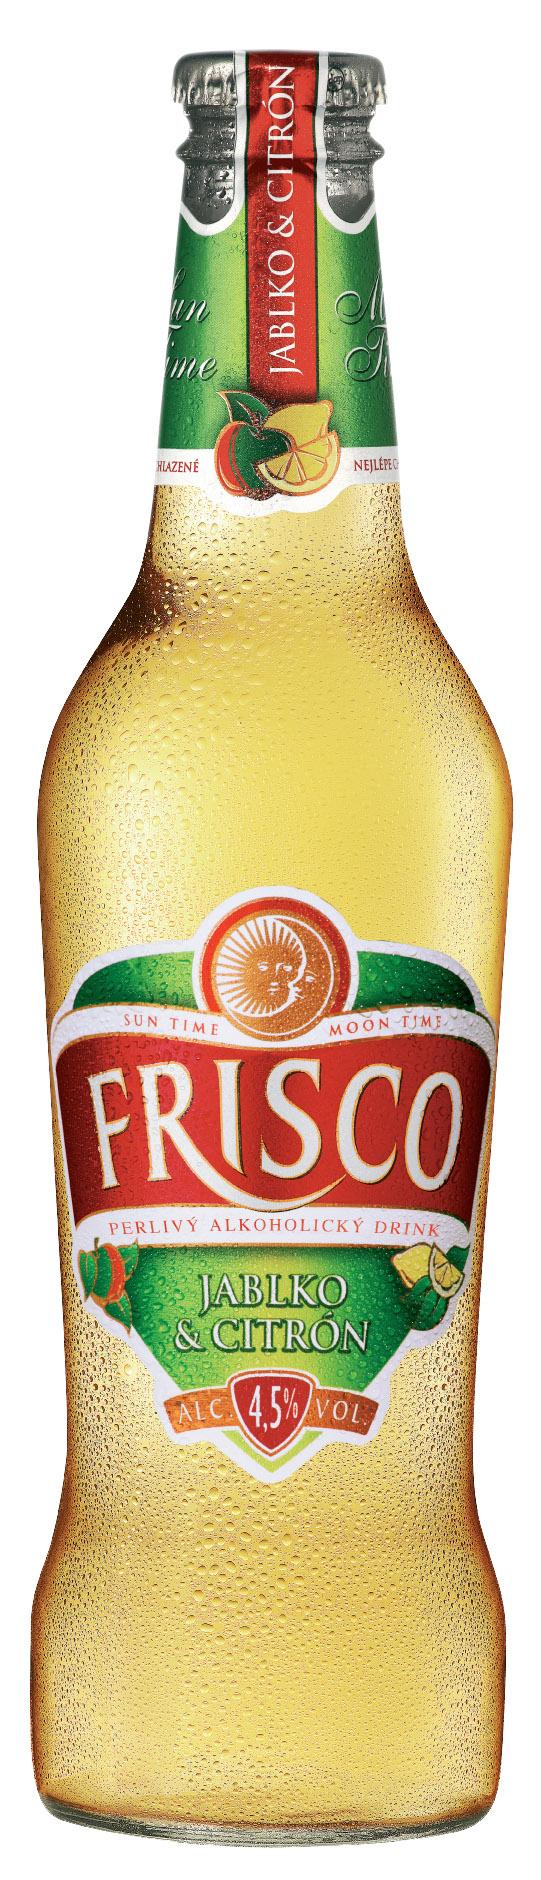 Značka Frisco_1